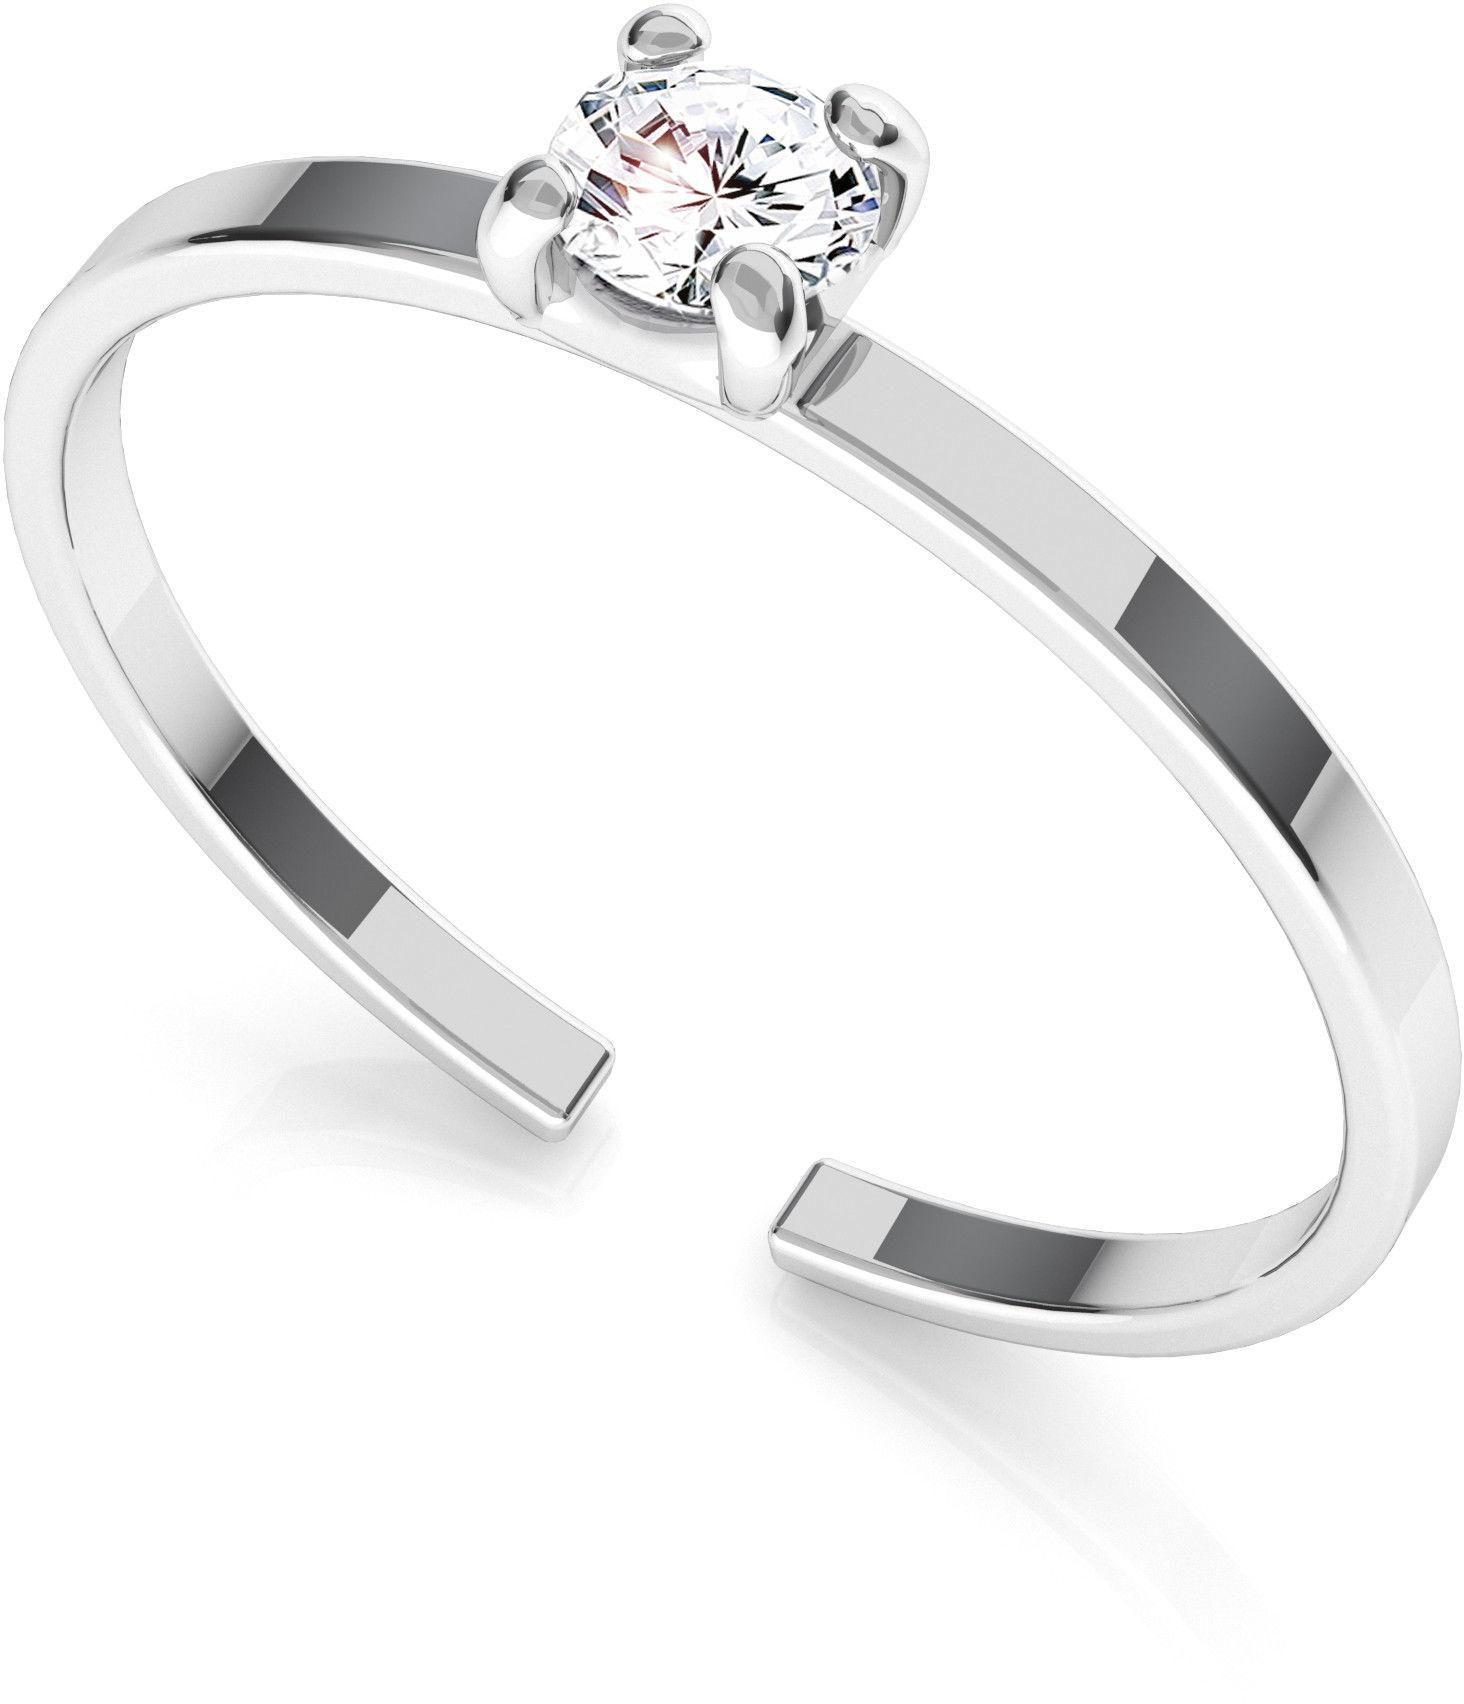 Srebrny pierścionek z cyrkonią 3mm My RING, srebro 925 : Srebro - kolor pokrycia - Pokrycie platyną